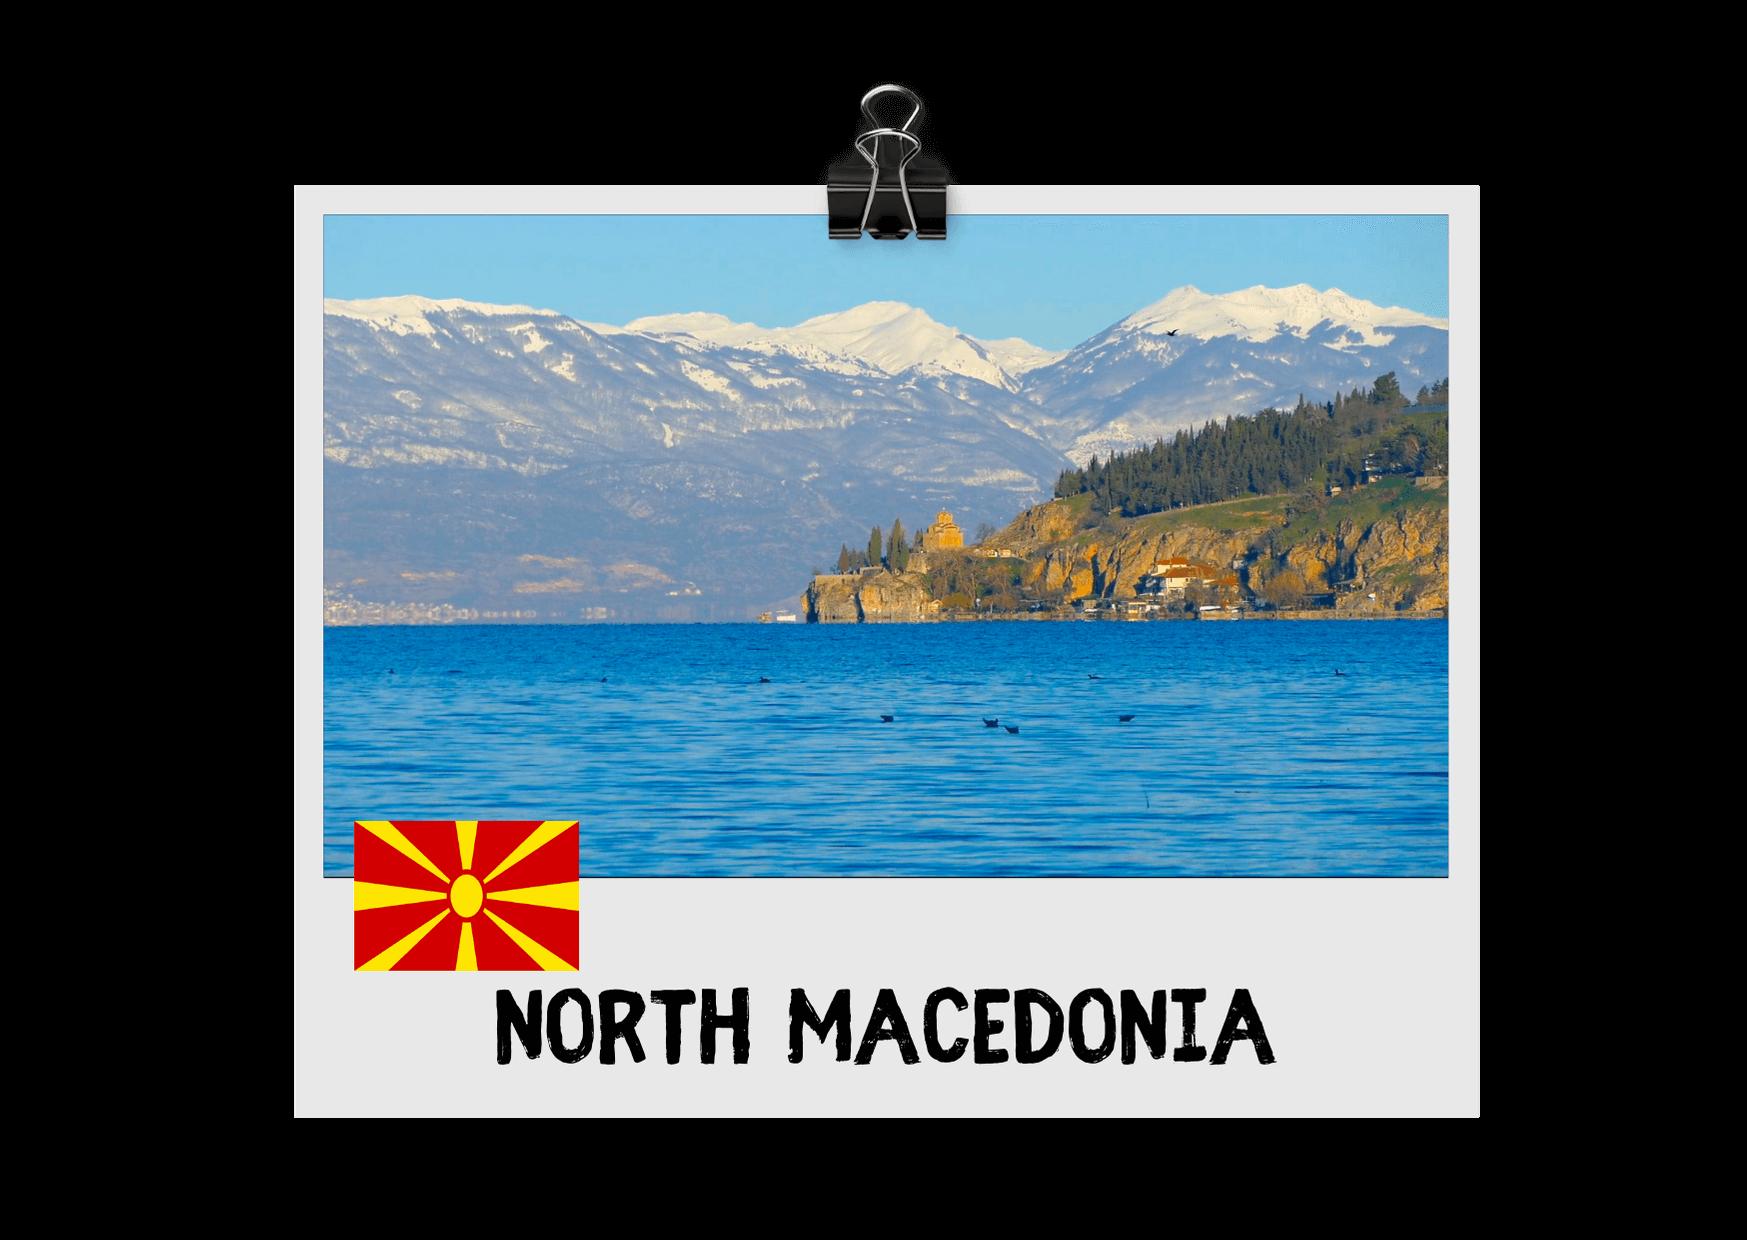 Vanlife in North Macedonia